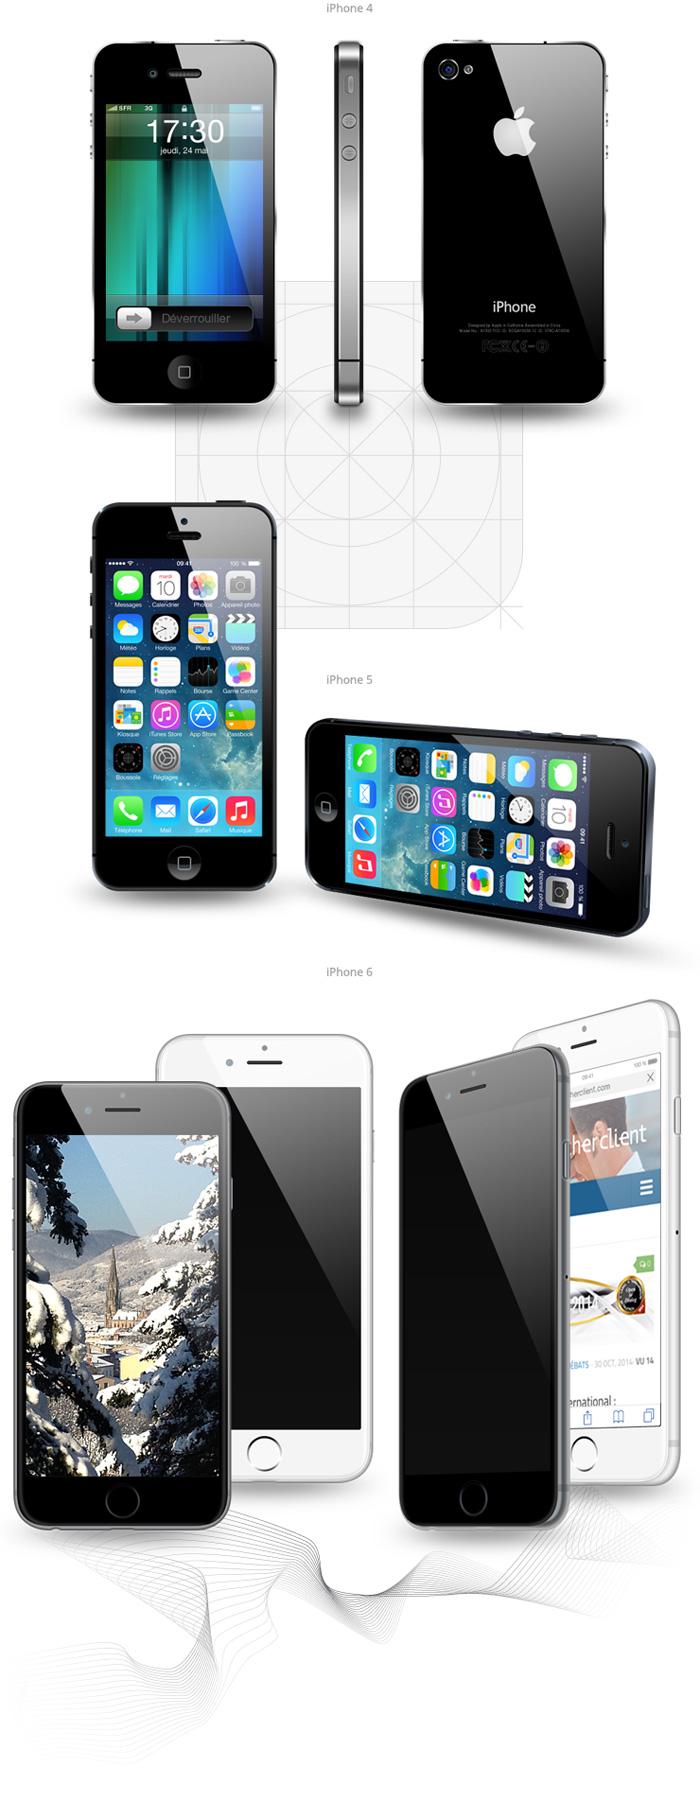 Visuel iPhones